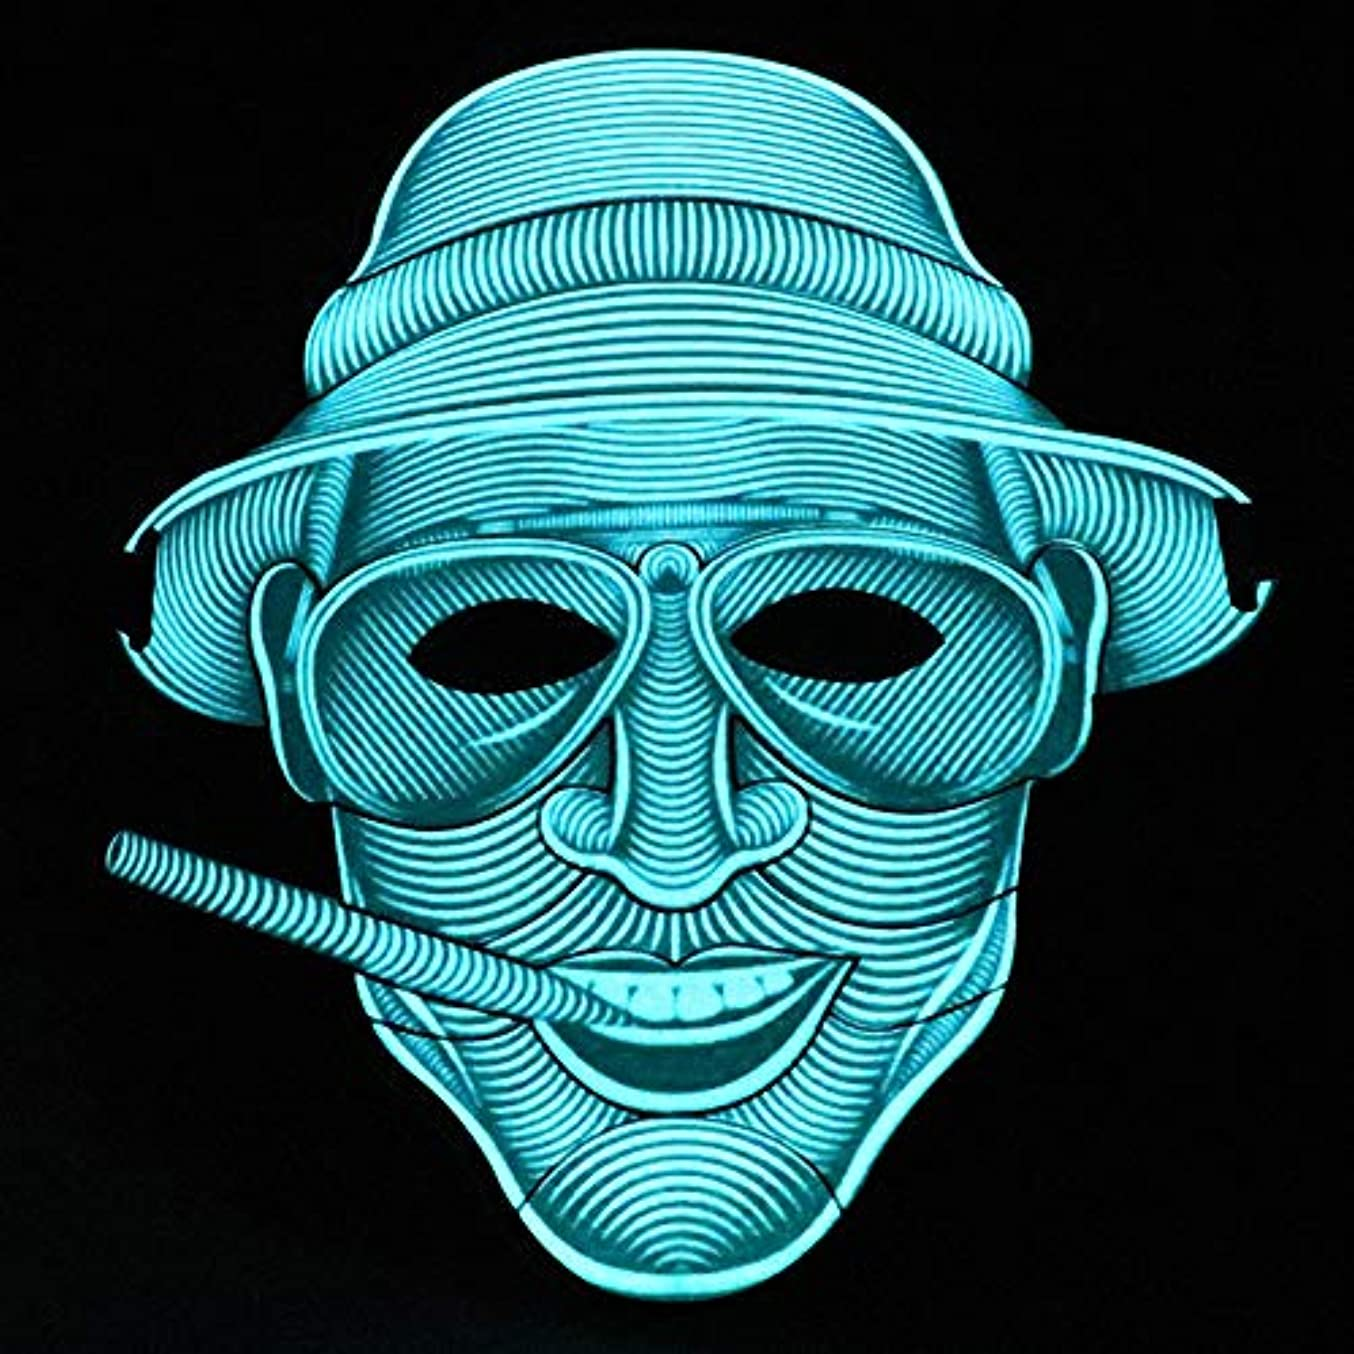 つづりに賛成言い聞かせる照らされたマスクLED創造的な冷光音響制御マスクハロウィンバーフェスティバルダンスマスク (Color : #20)